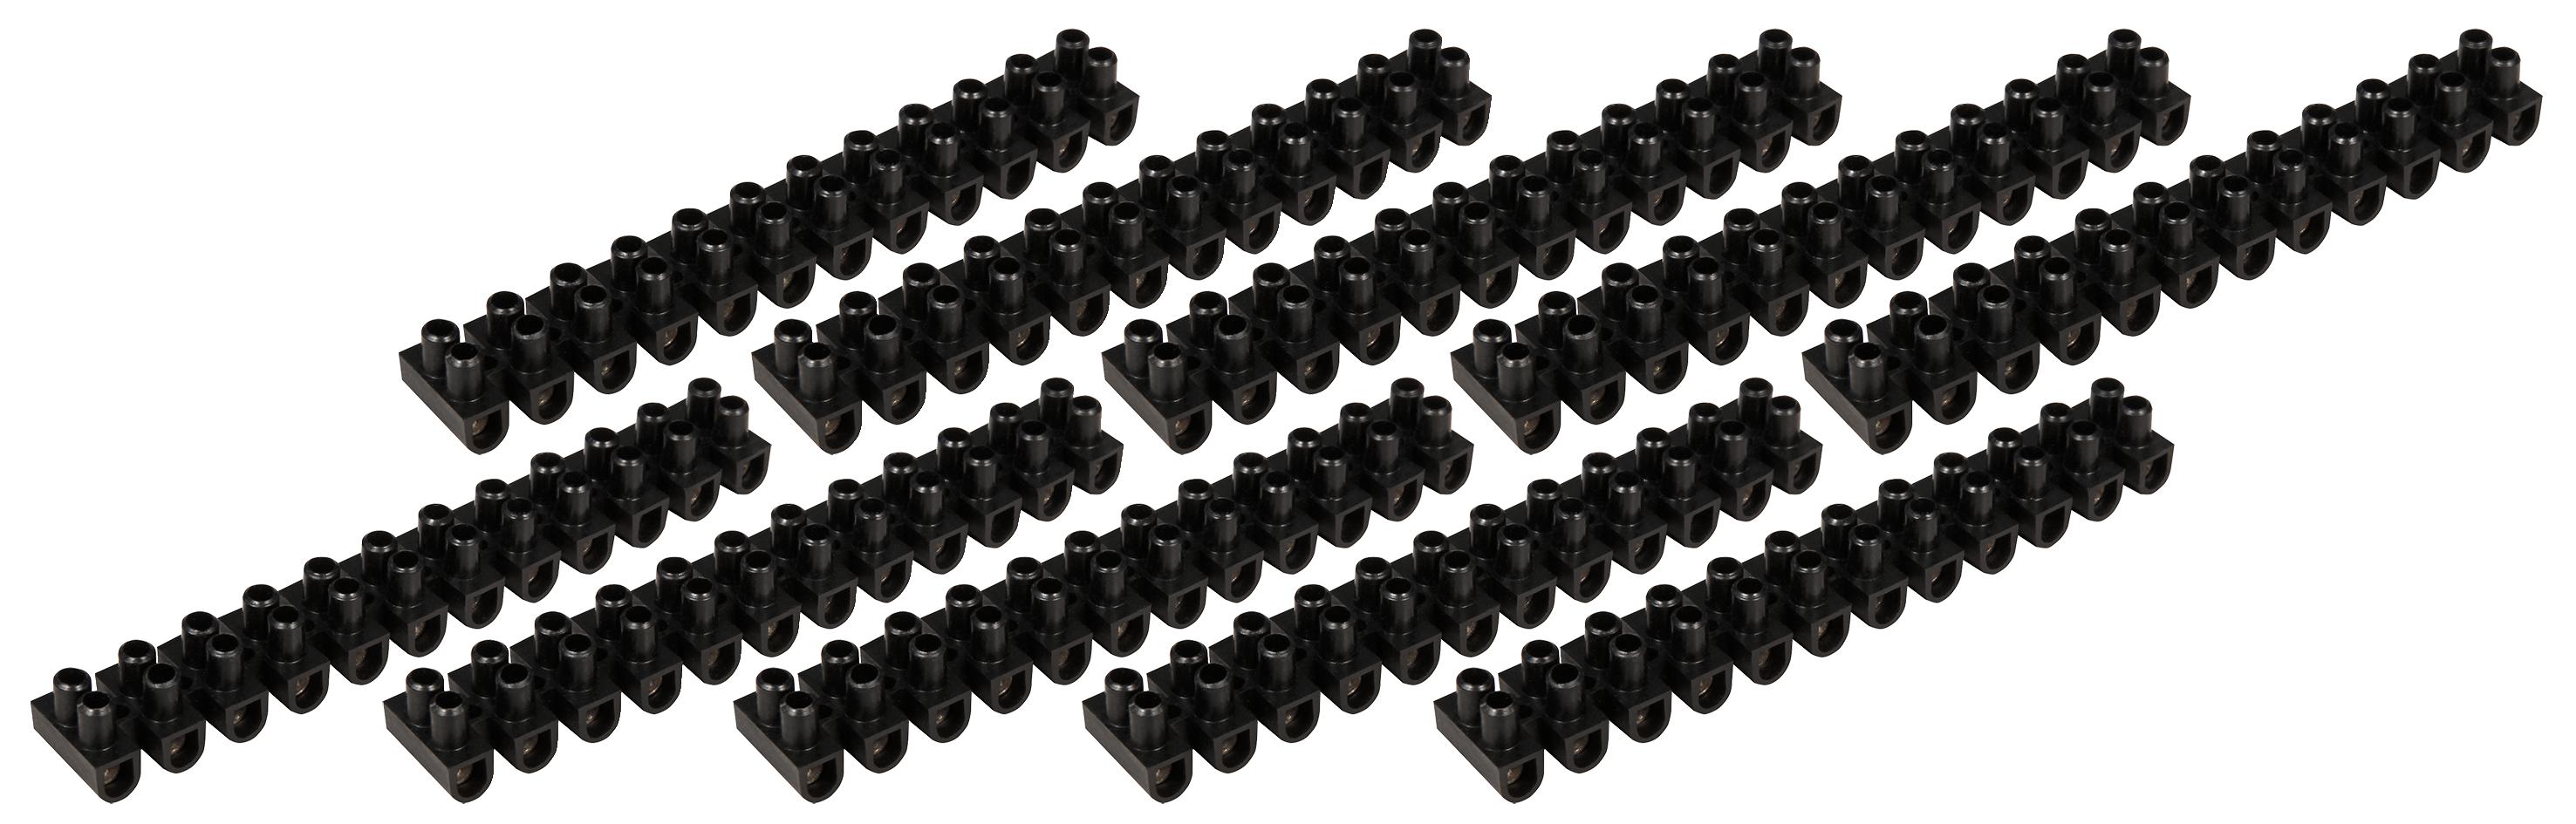 Lüsterklemme McPower, 12 Klemmen, 4,5mm², 5A, schwarz, 10er-Pack